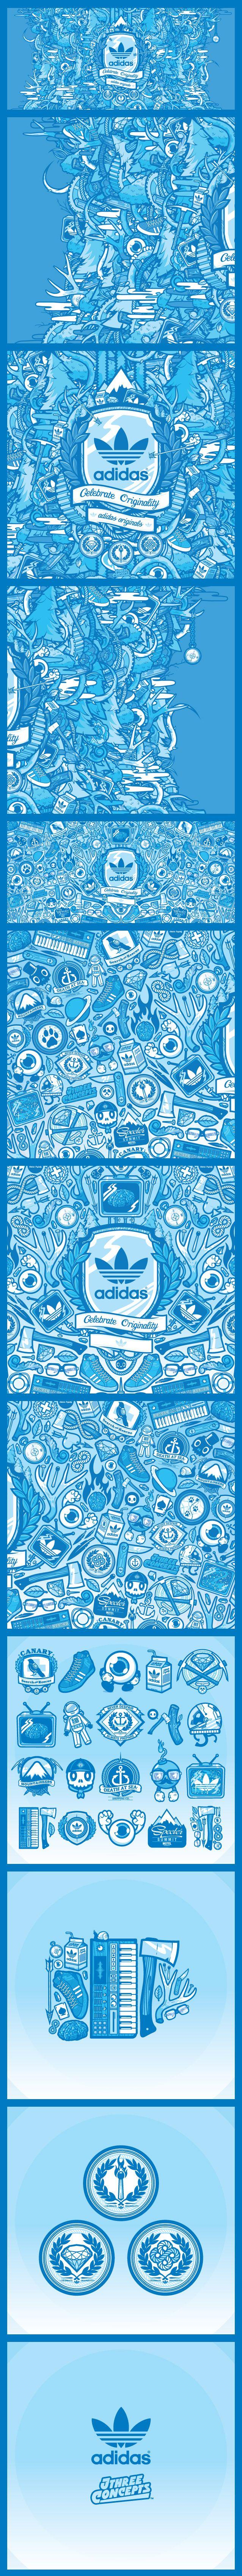 JthreeConcepts x #Adidas Originals (DH Editions)